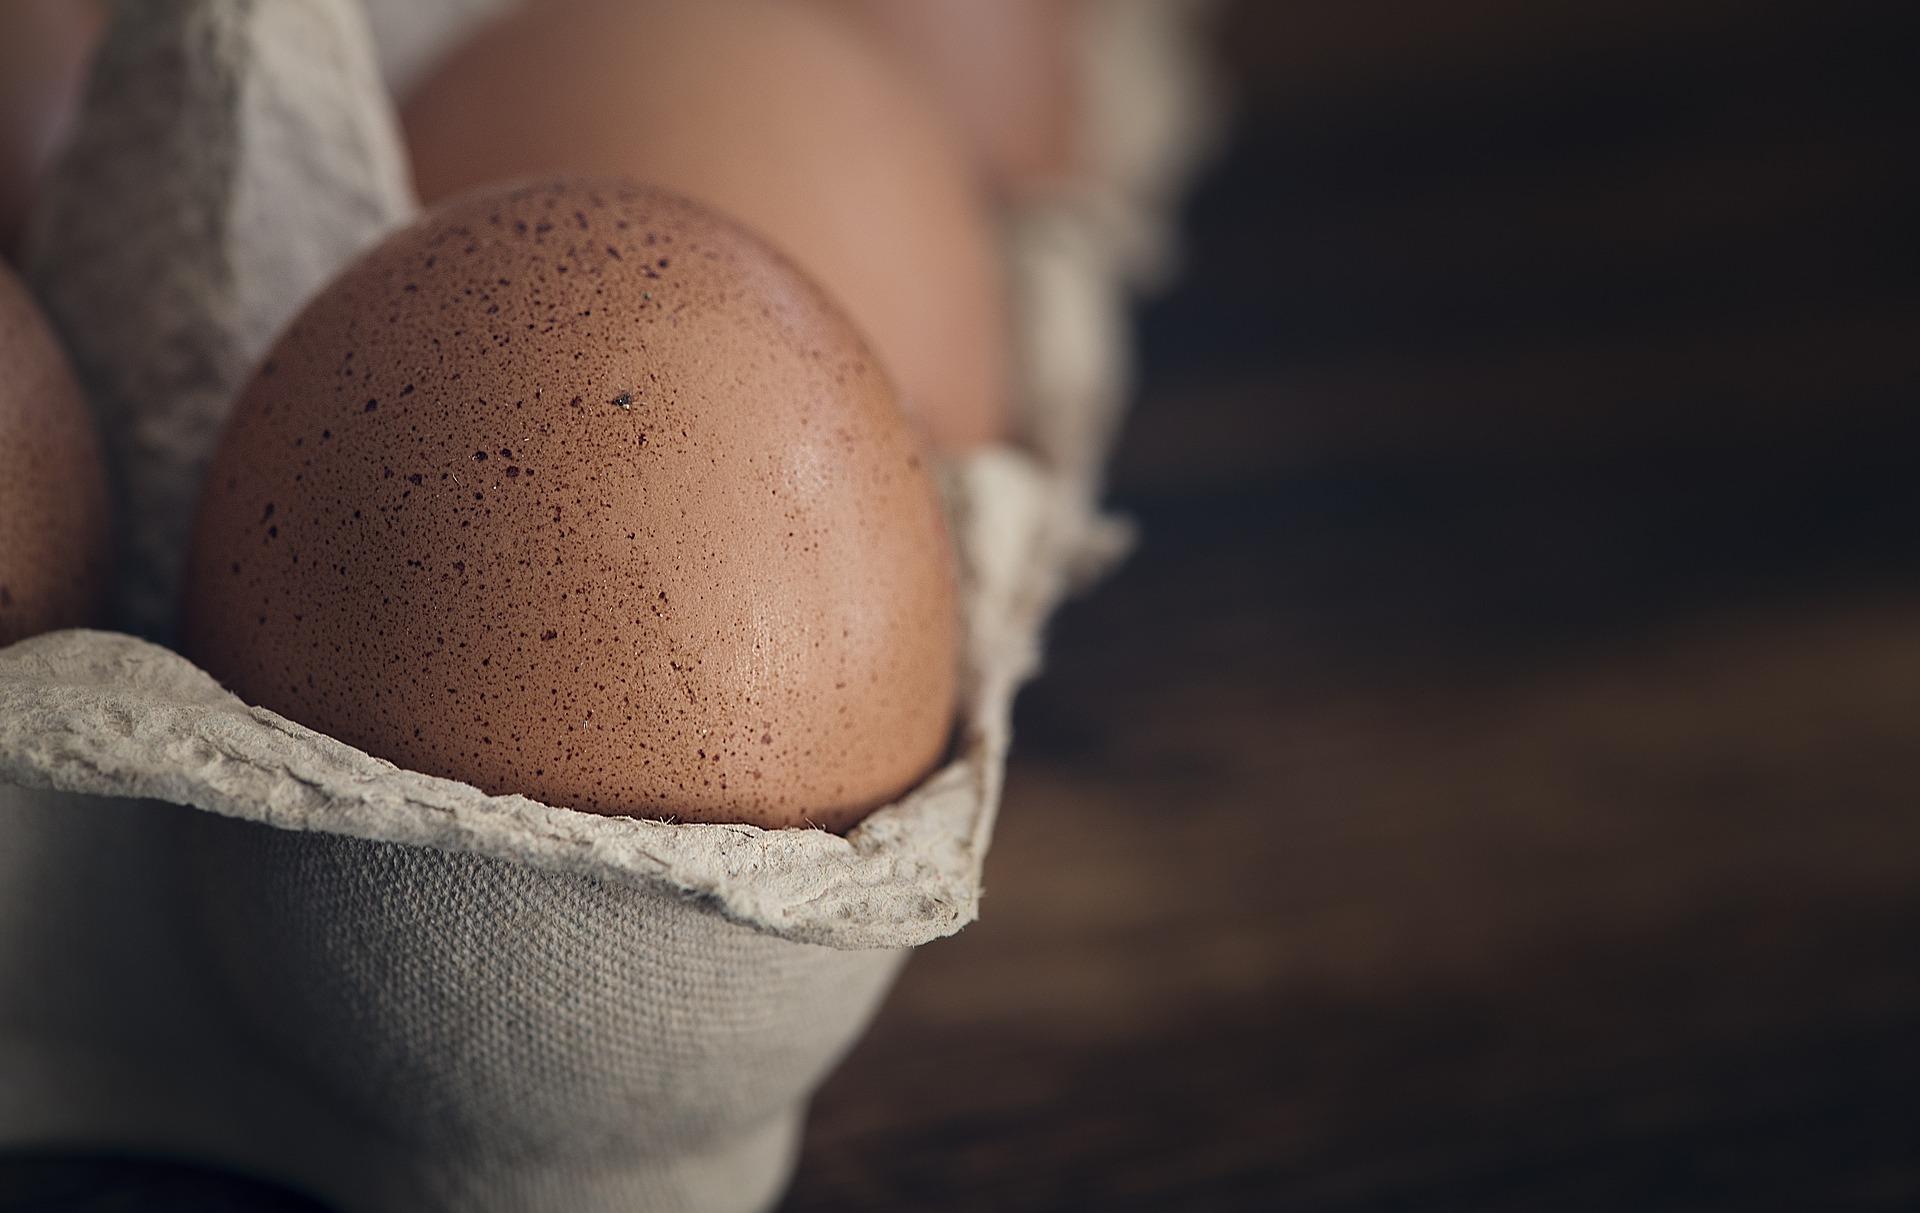 egg-1265735_1920.jpg